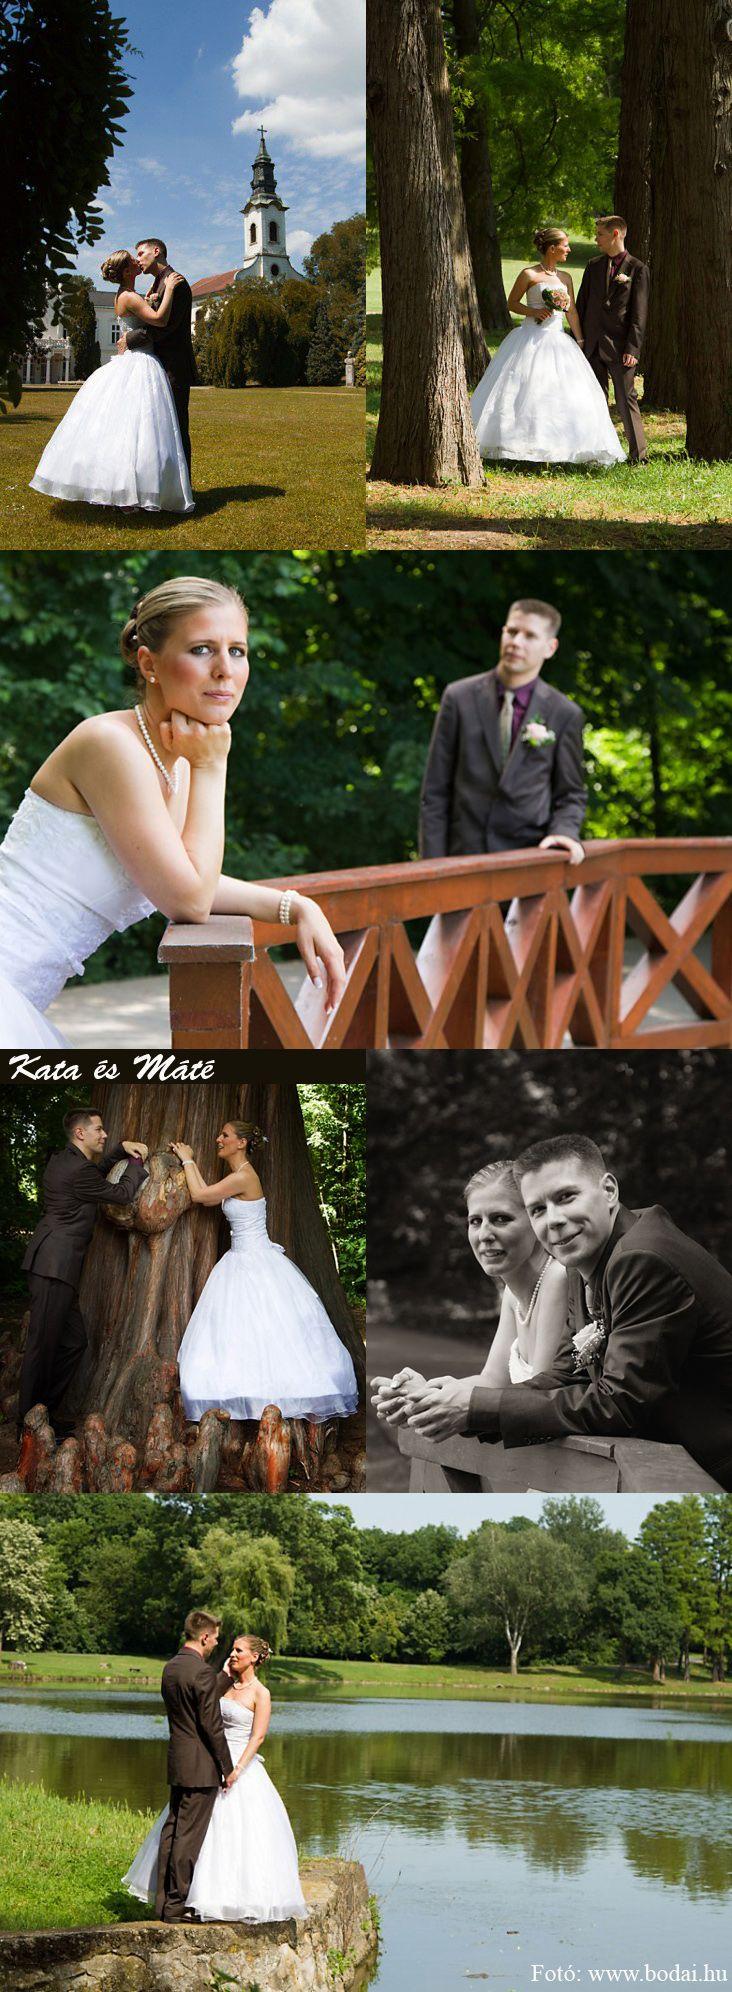 Esküvői fotók Martonvásáron  http://www.bodai.hu